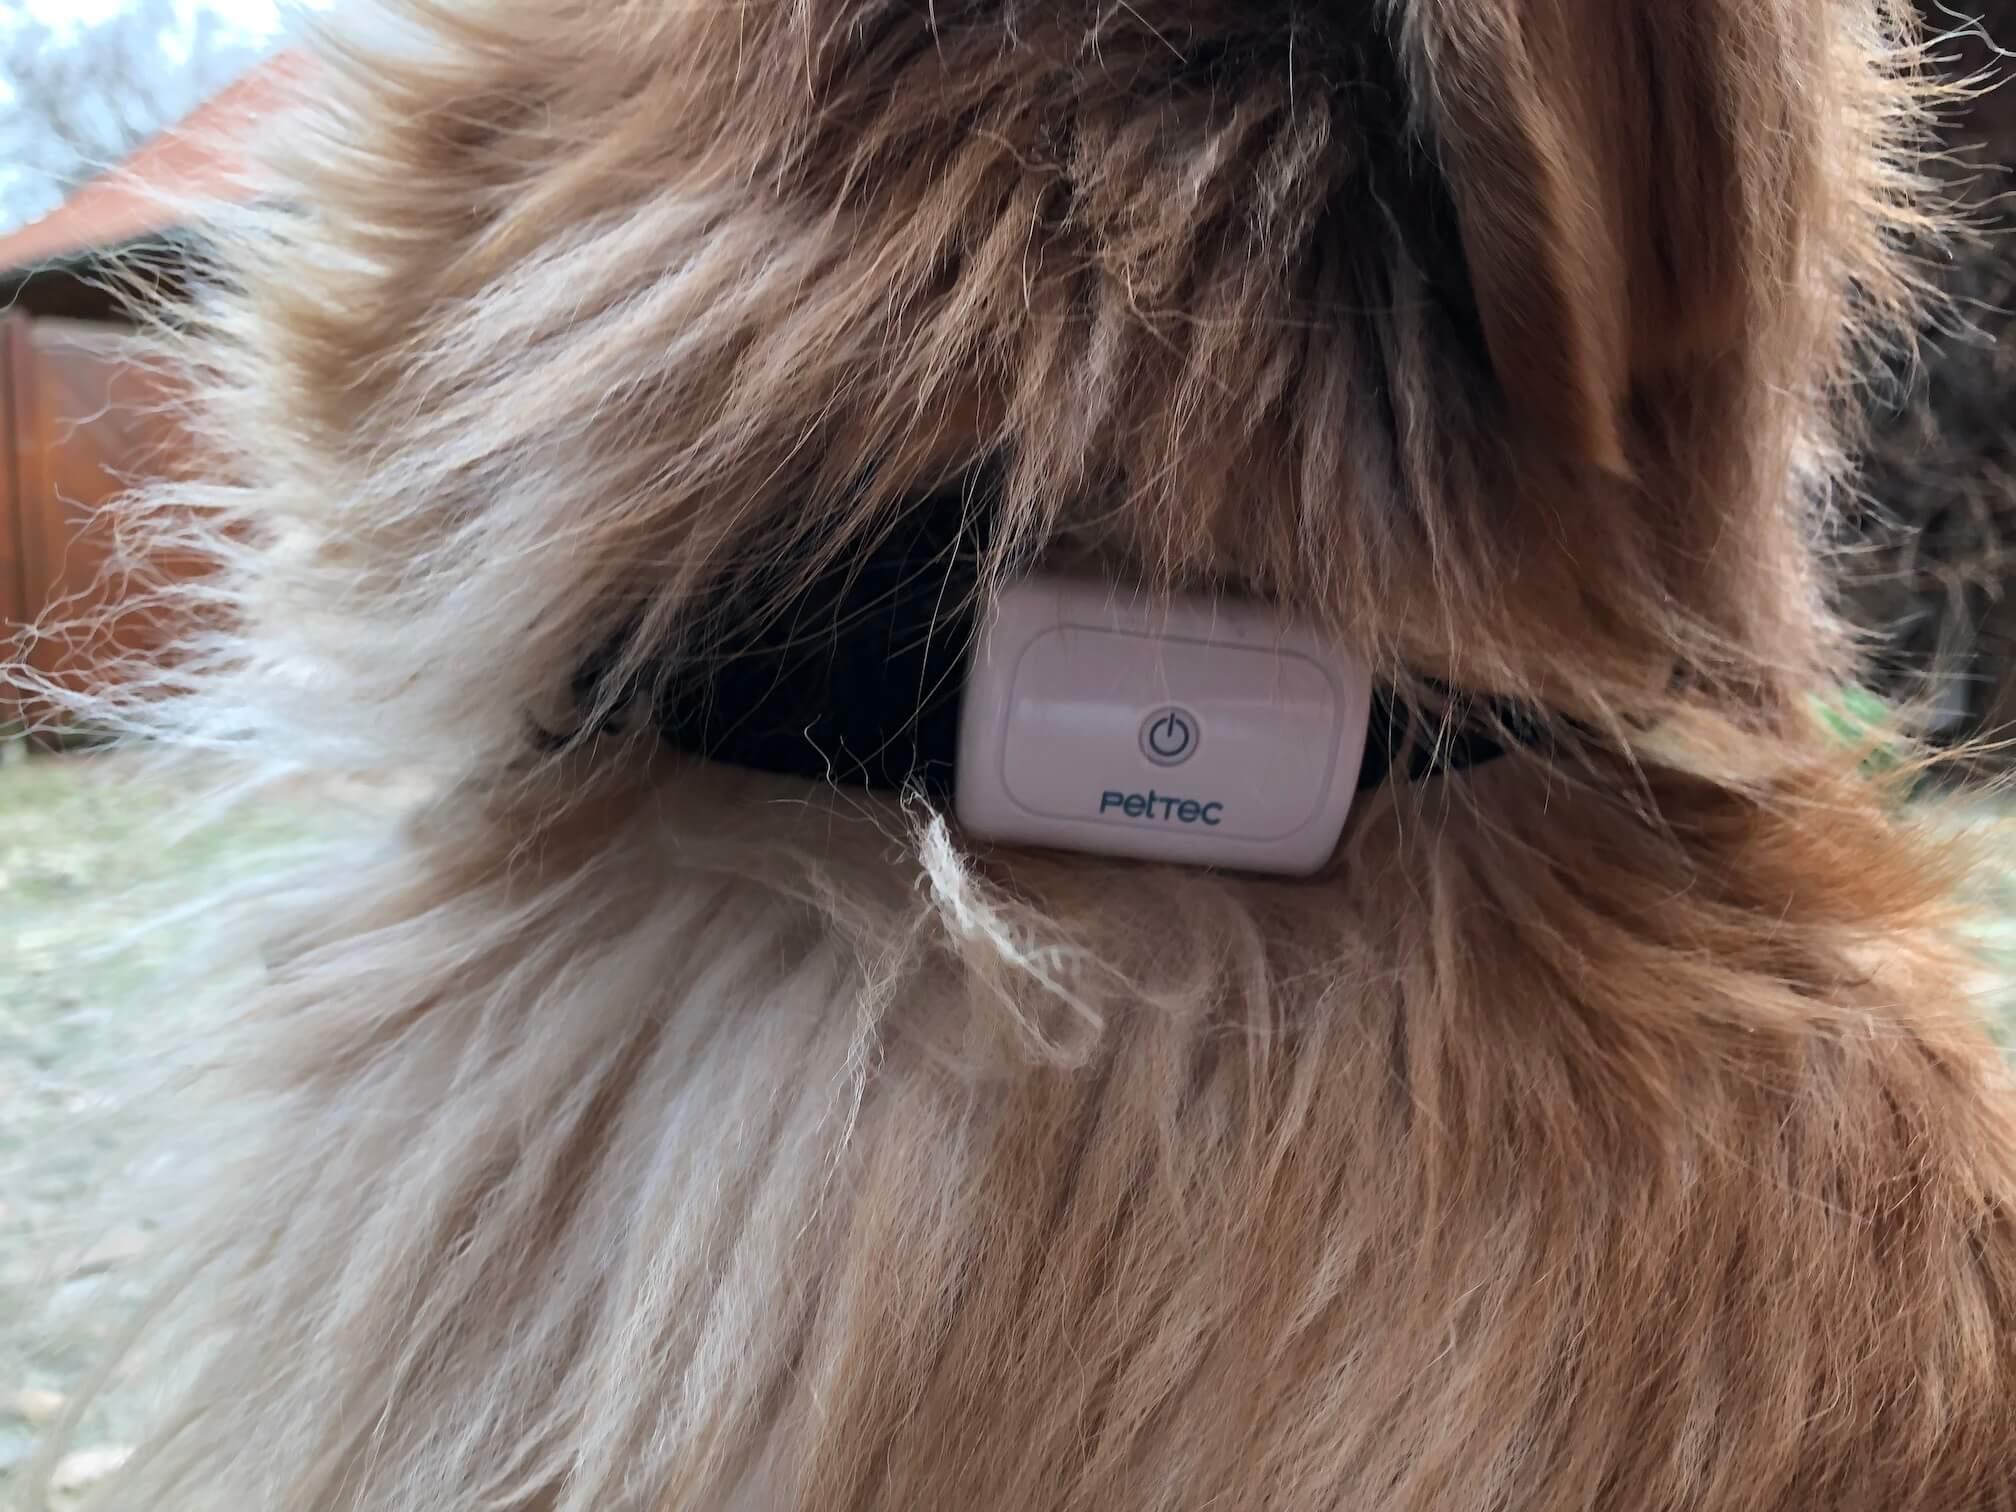 Holly trägt den PetTec GPS Tracker